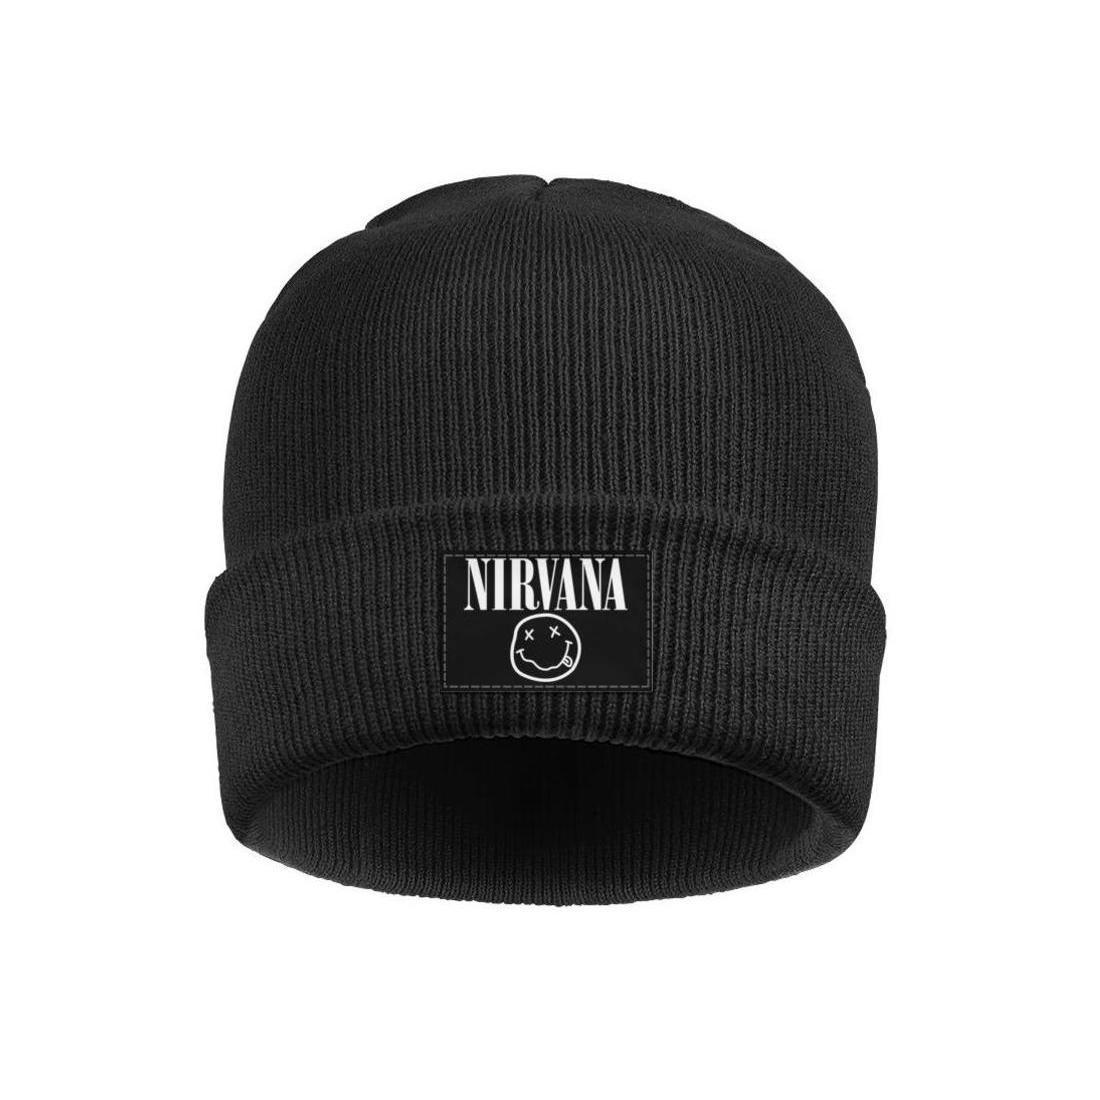 Moda Nirvana bant Logo beyaz Kış Sıcak Beanie Kafatası Şapka Kaflı Düz logosu sarı yılında Utero Motosiklet bağbozumu New MTV Unplugged